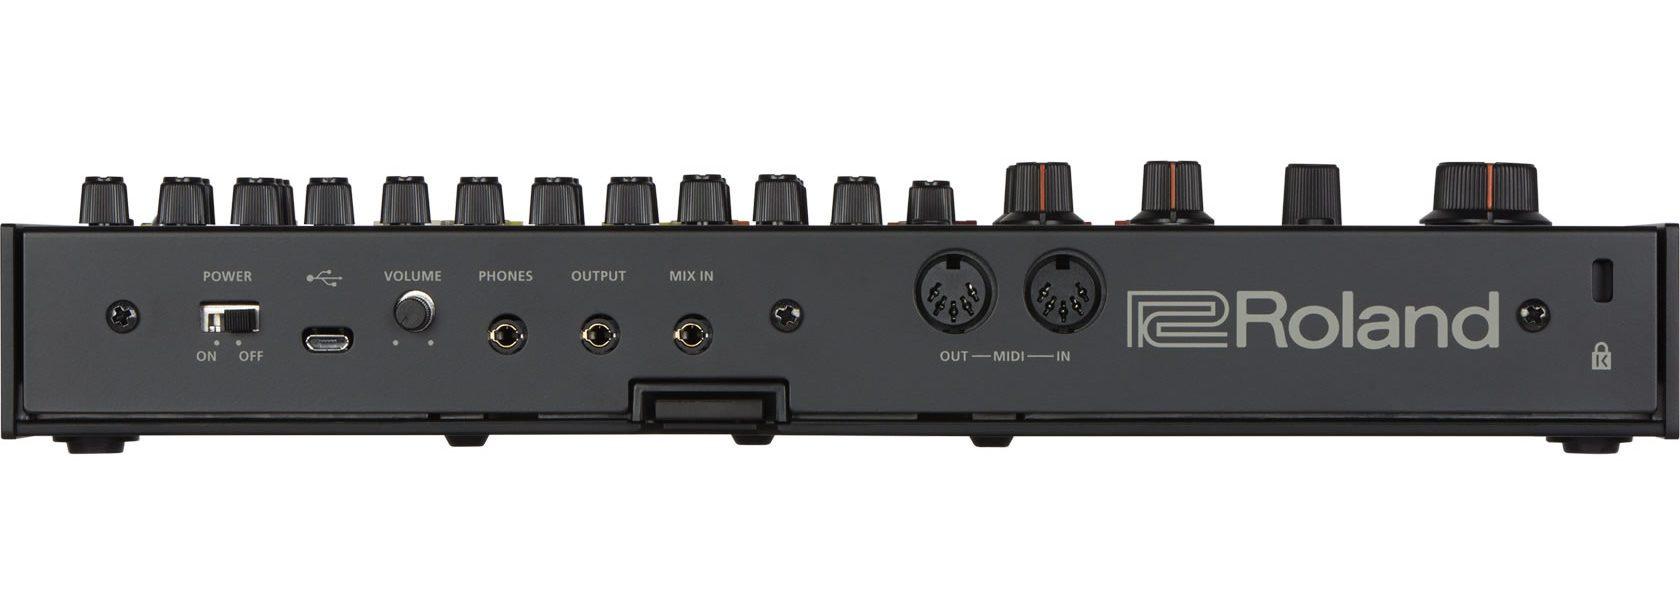 Roland TR-08 808 TR-808 drum machine reissue remake relaunch iconic music gear tech